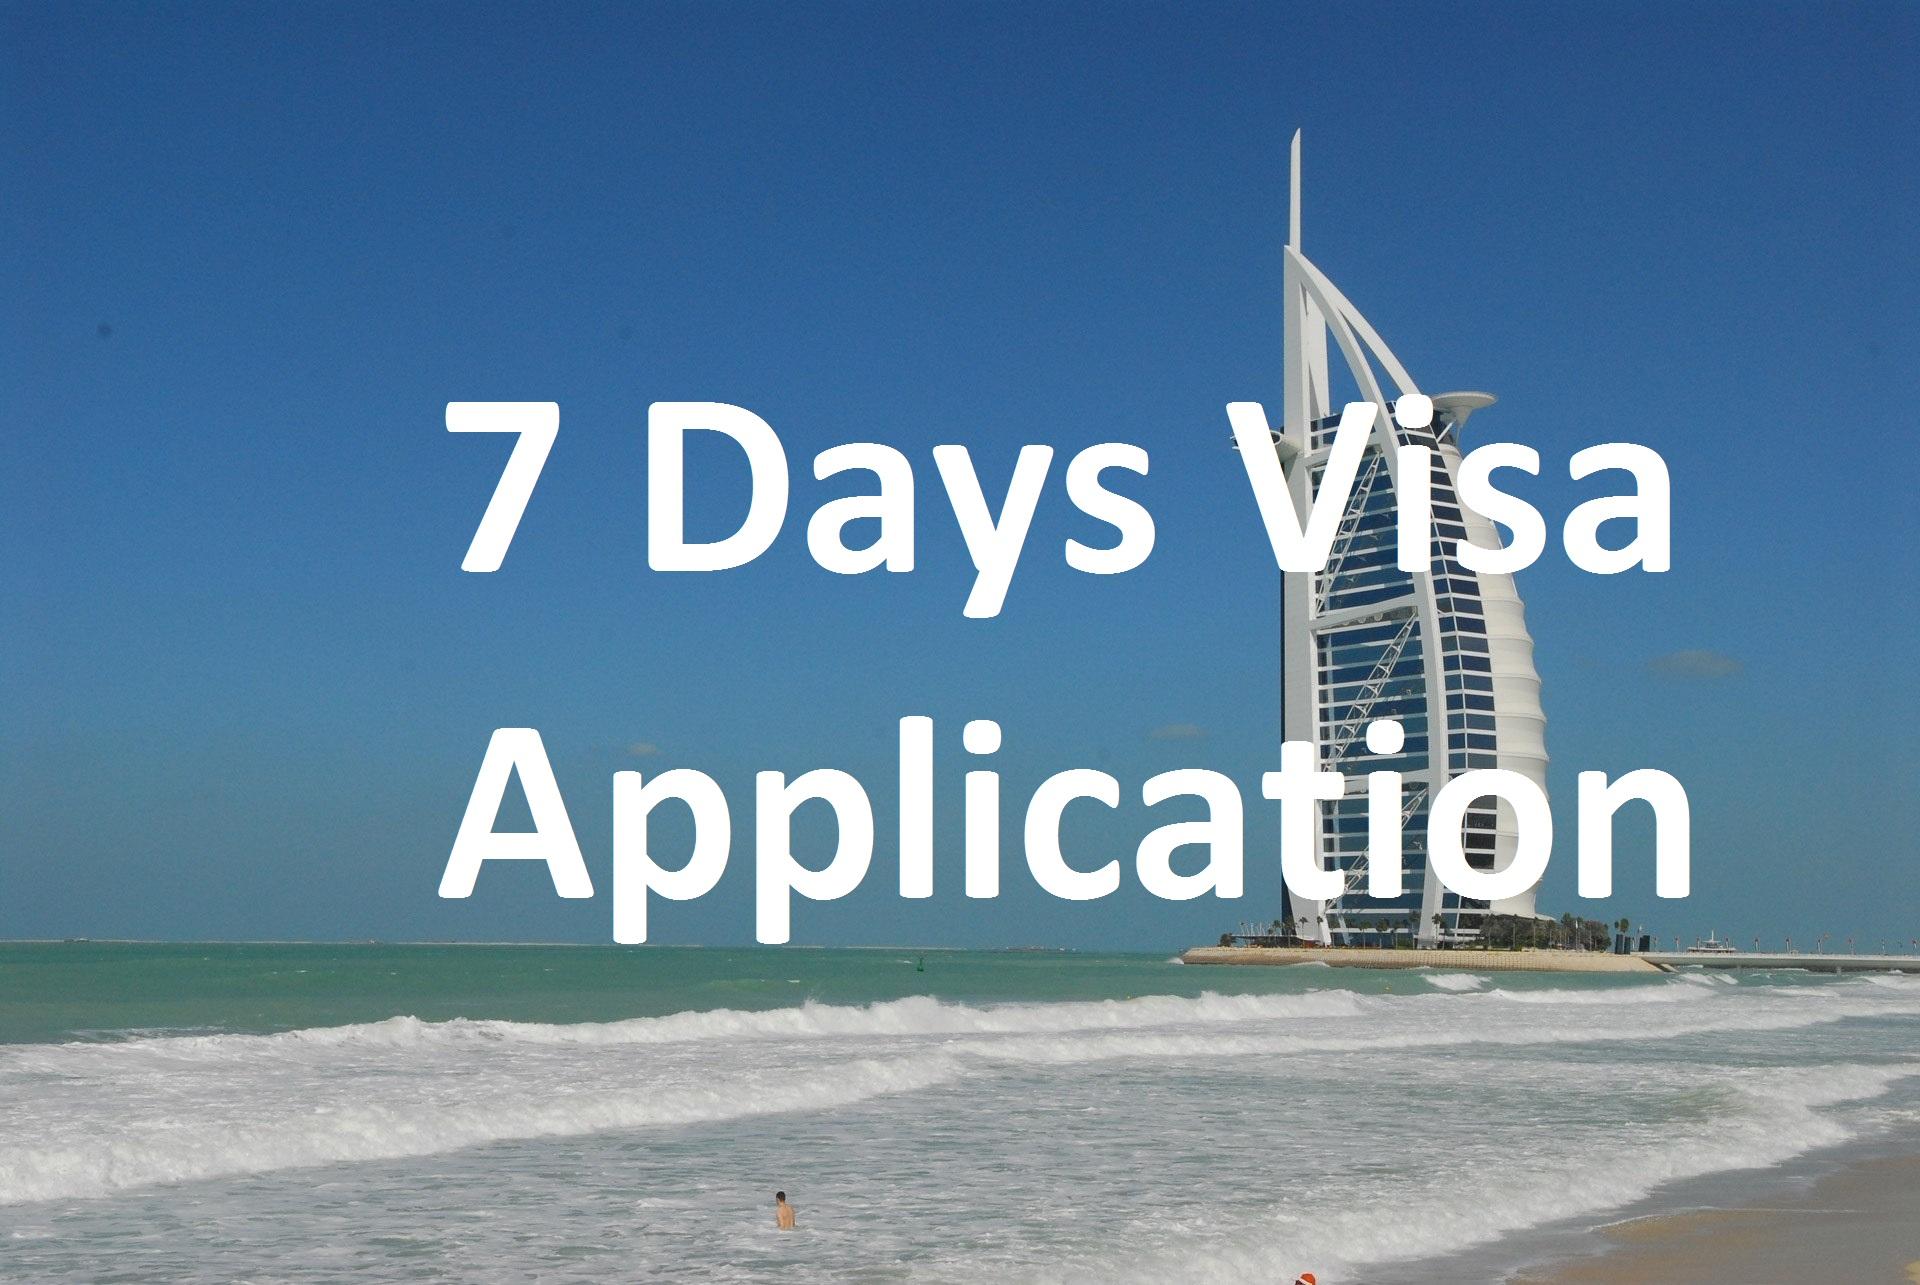 طلب تأشيرة 7 أيام